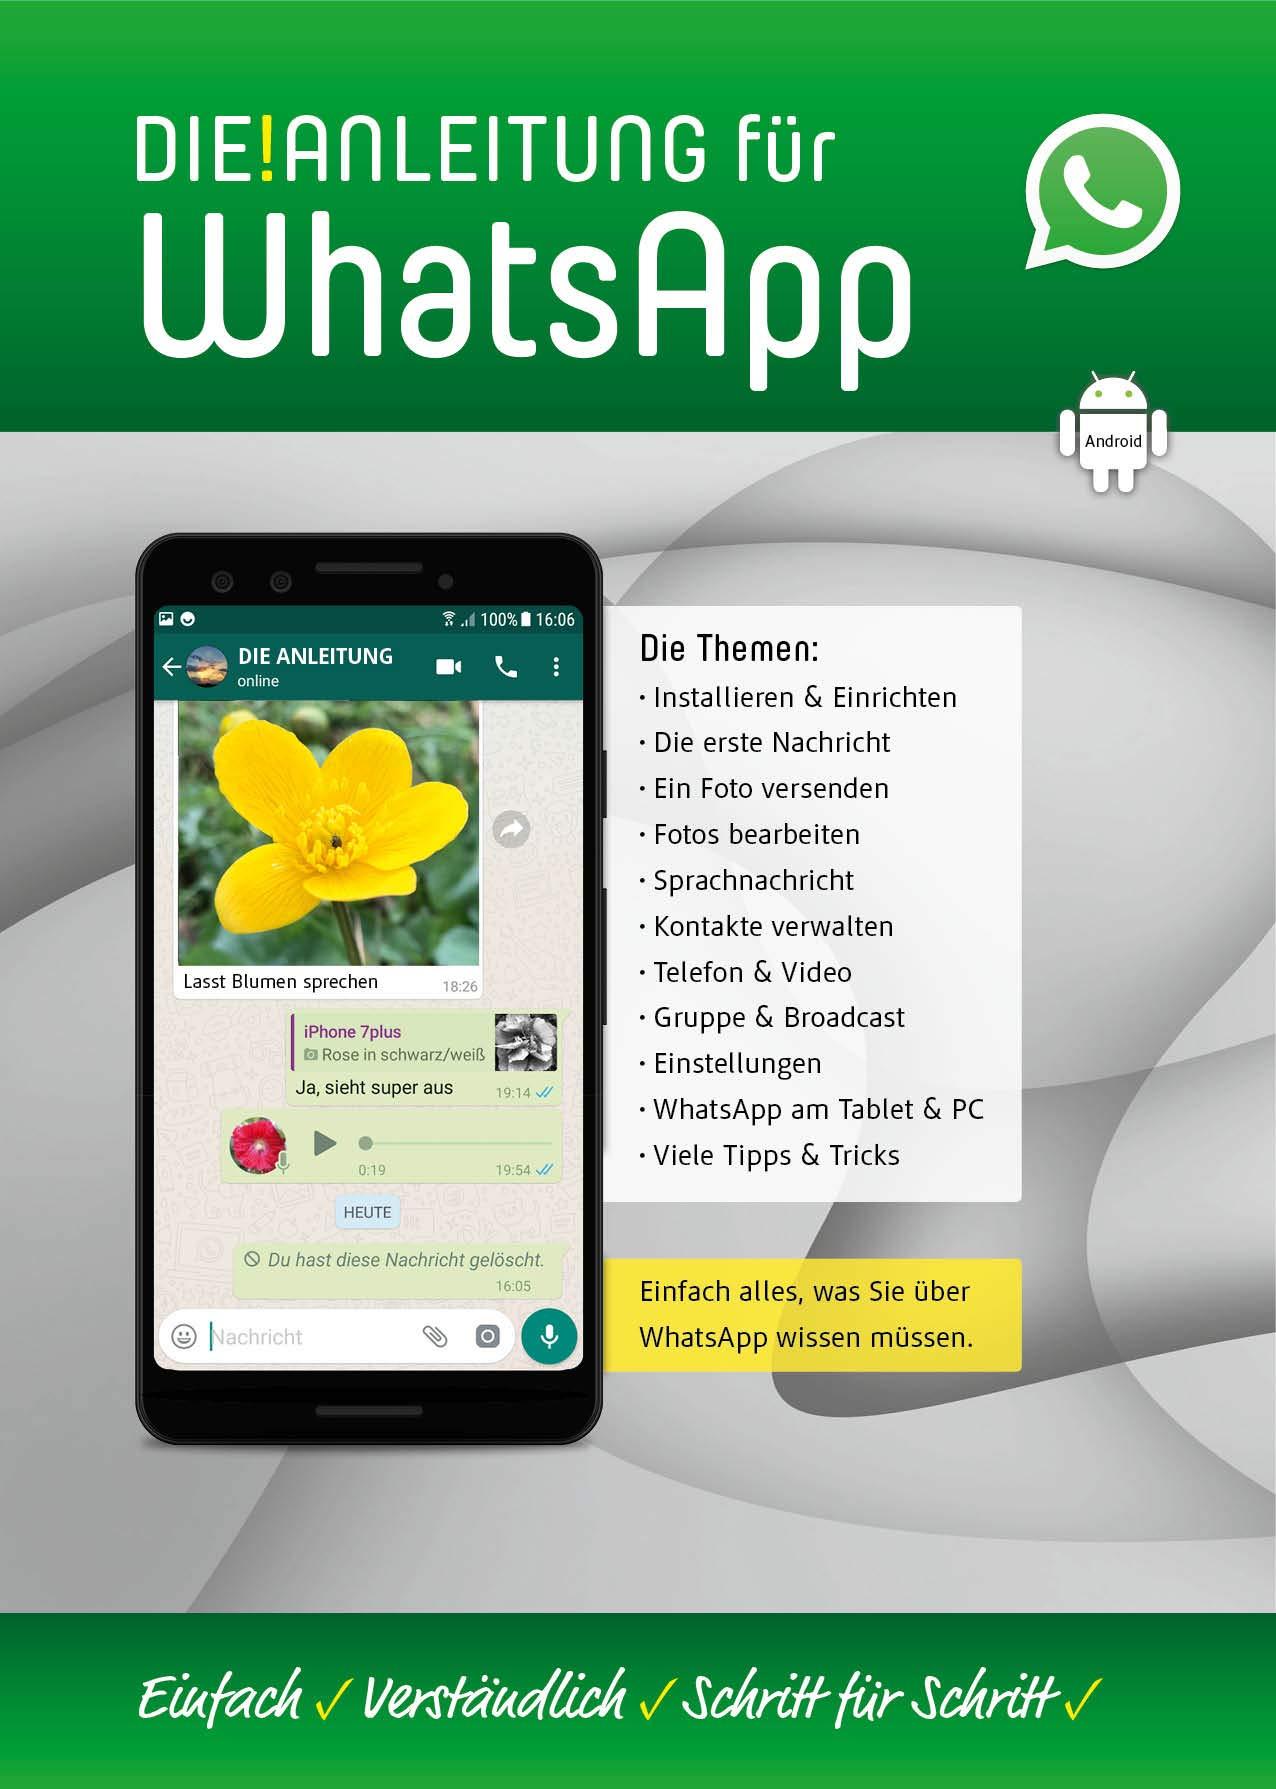 DIE ANLEITUNG für WhatsApp Android : Einfach, verständlich ...